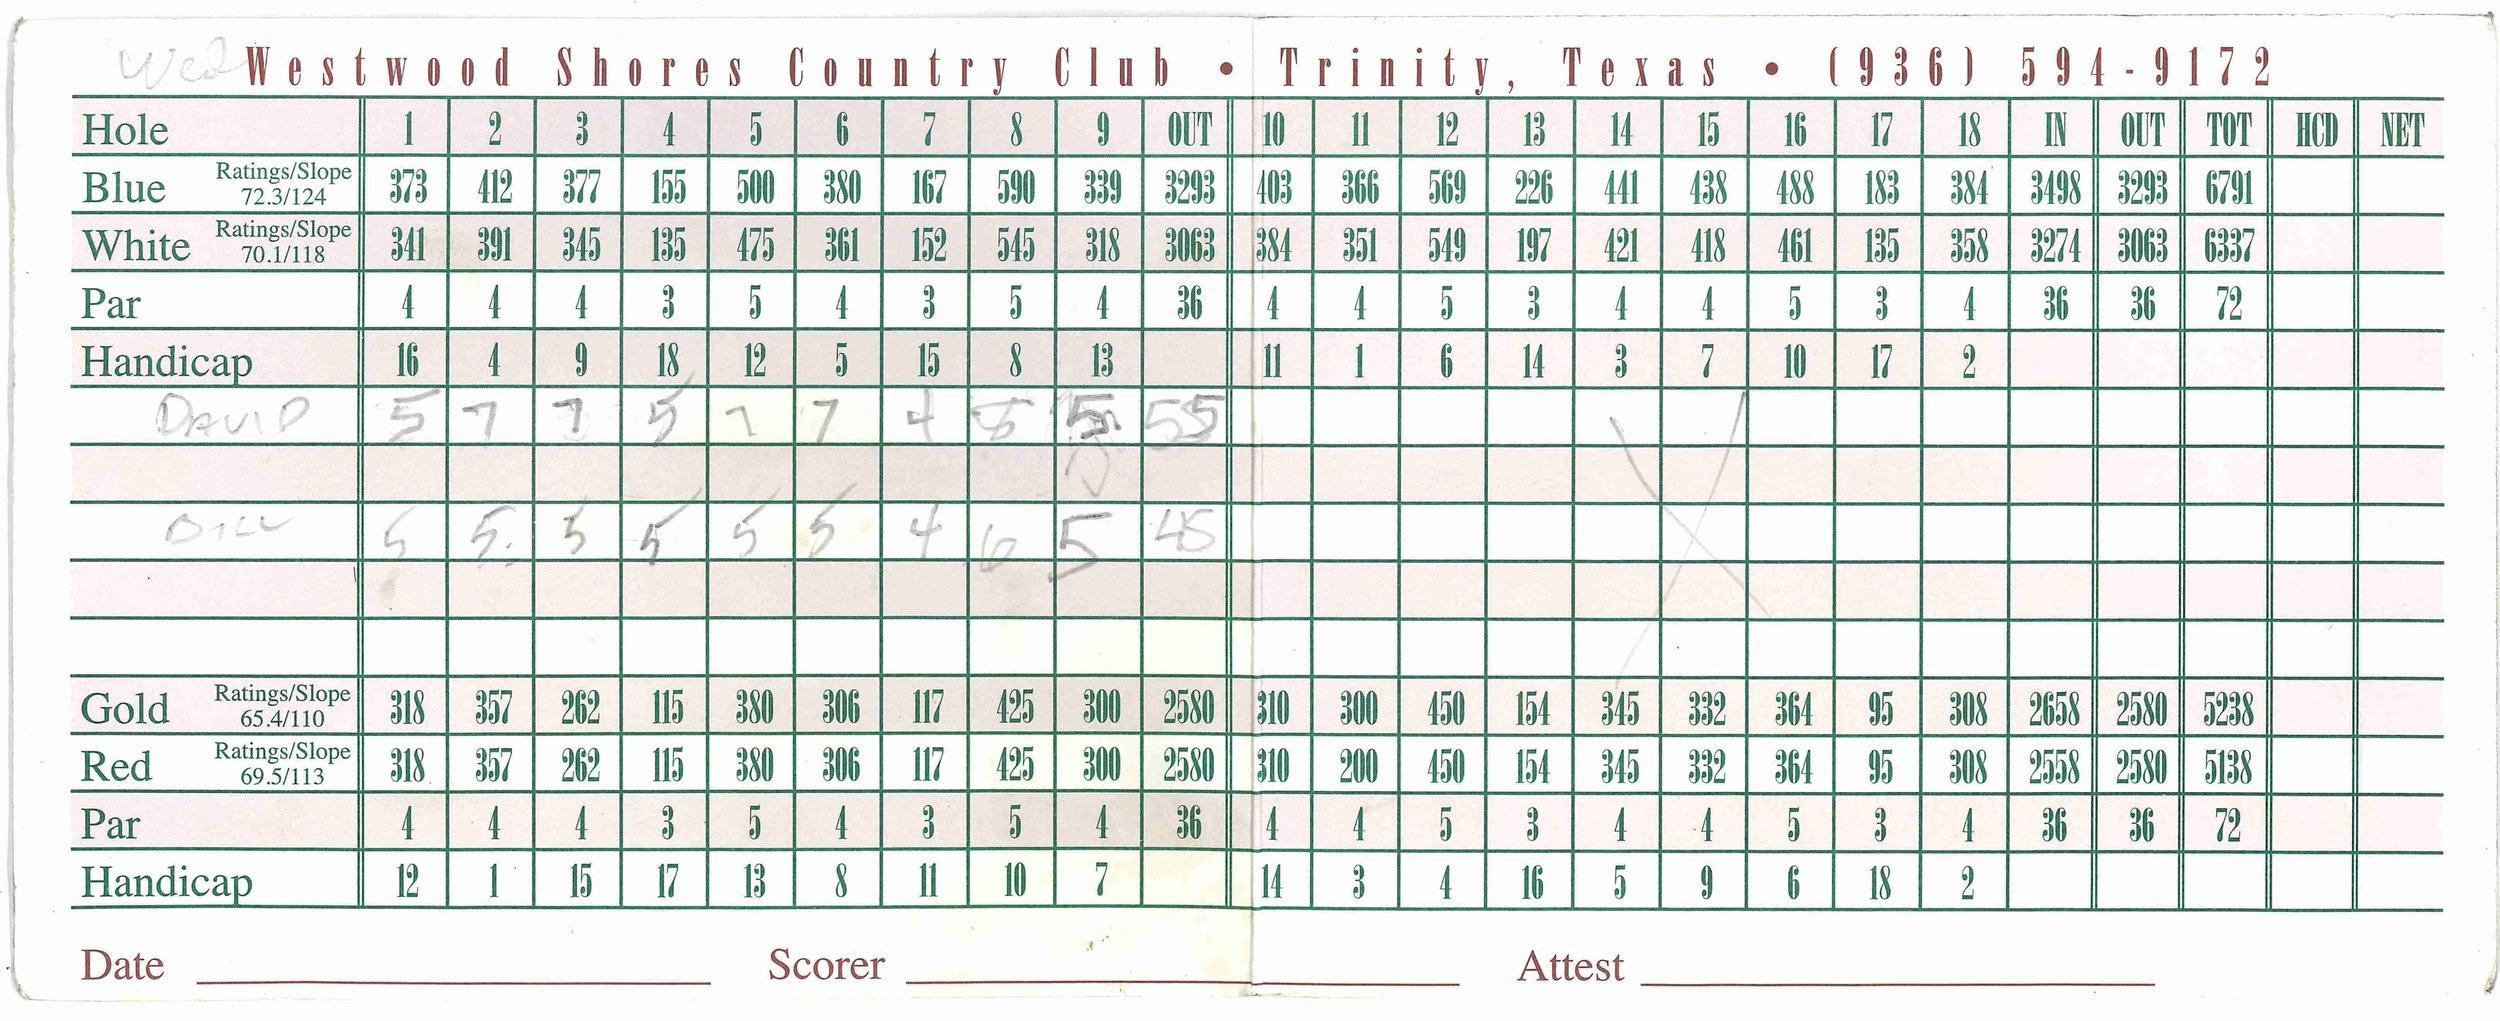 golfing with W.O.W. on Wednesday.jpeg